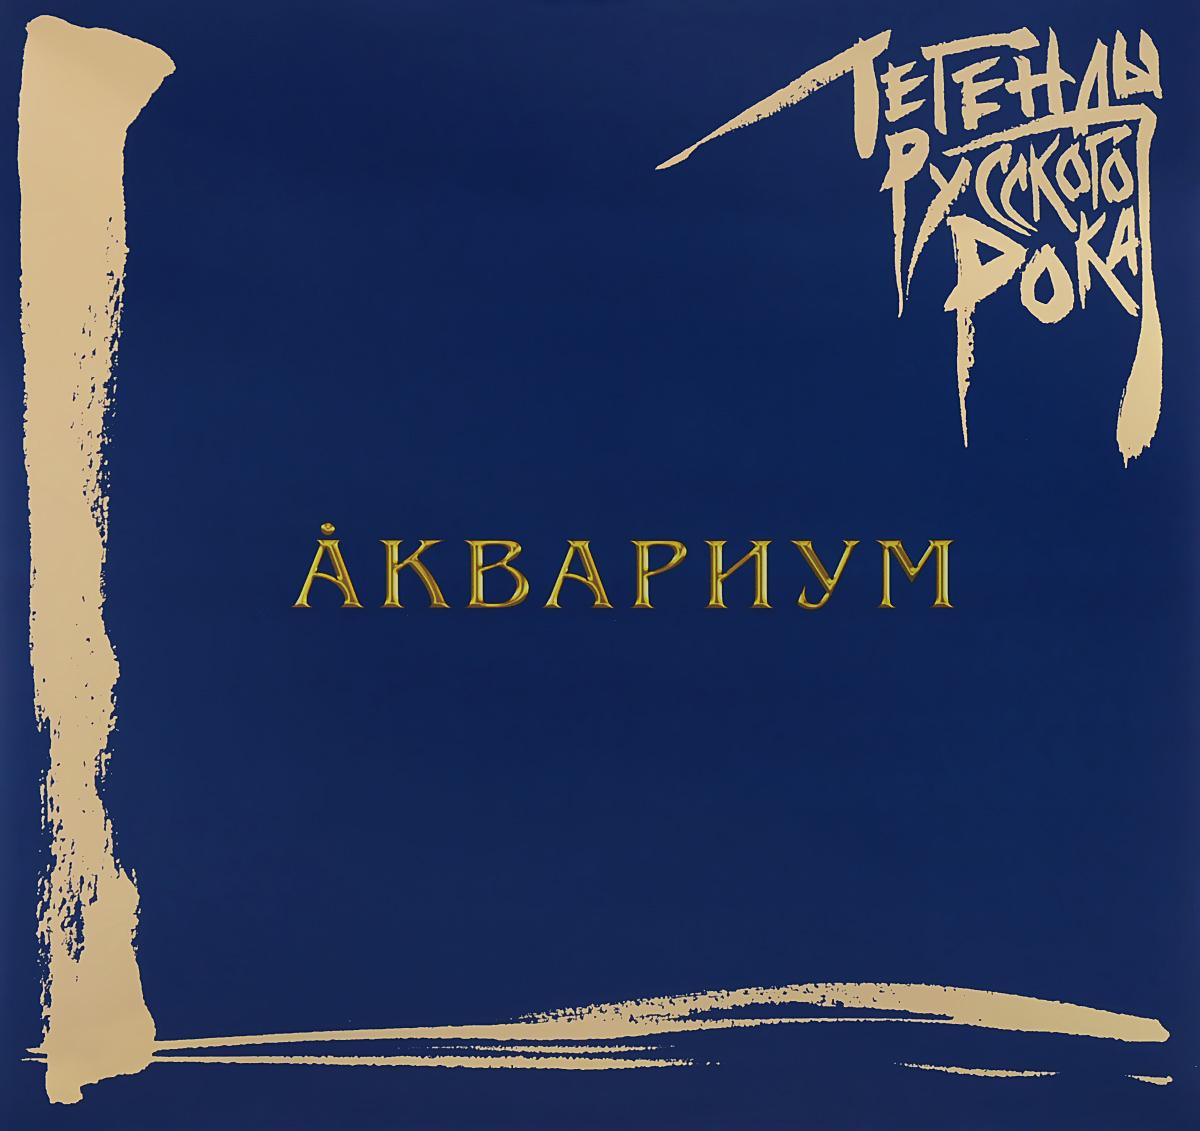 Аквариум Аквариум. Легенды русского рока (2 LP)